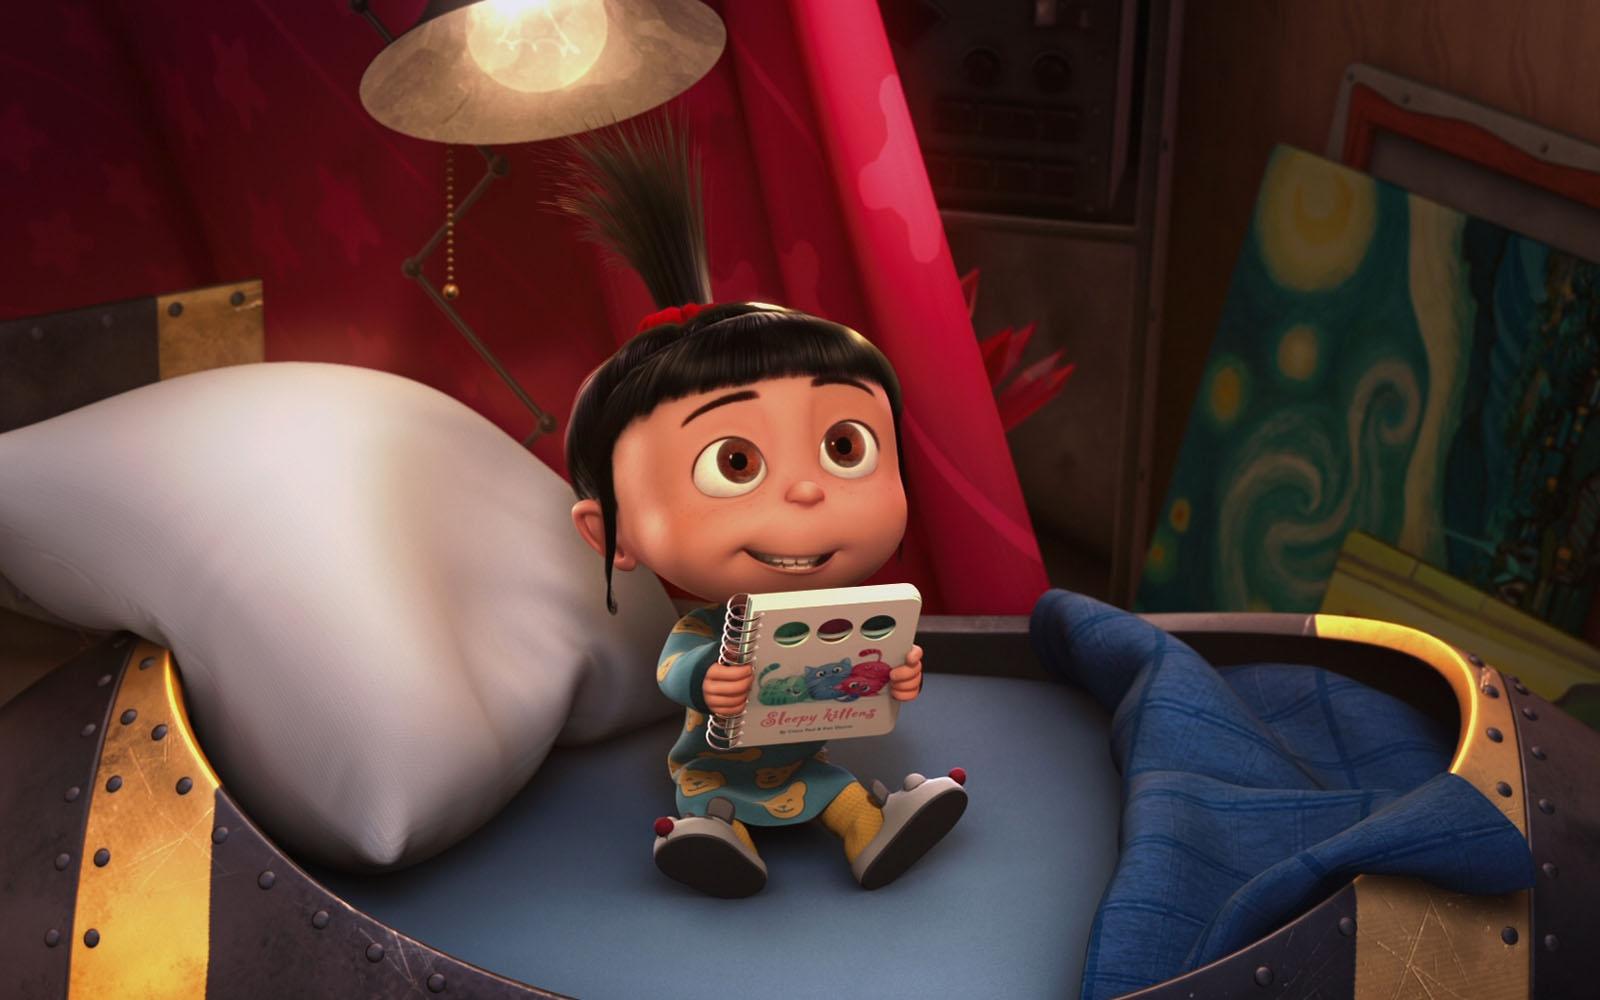 Girl Minion Wallpaper Гадкий я 1 смотреть онлайн бесплатно мультфильм в хорошем